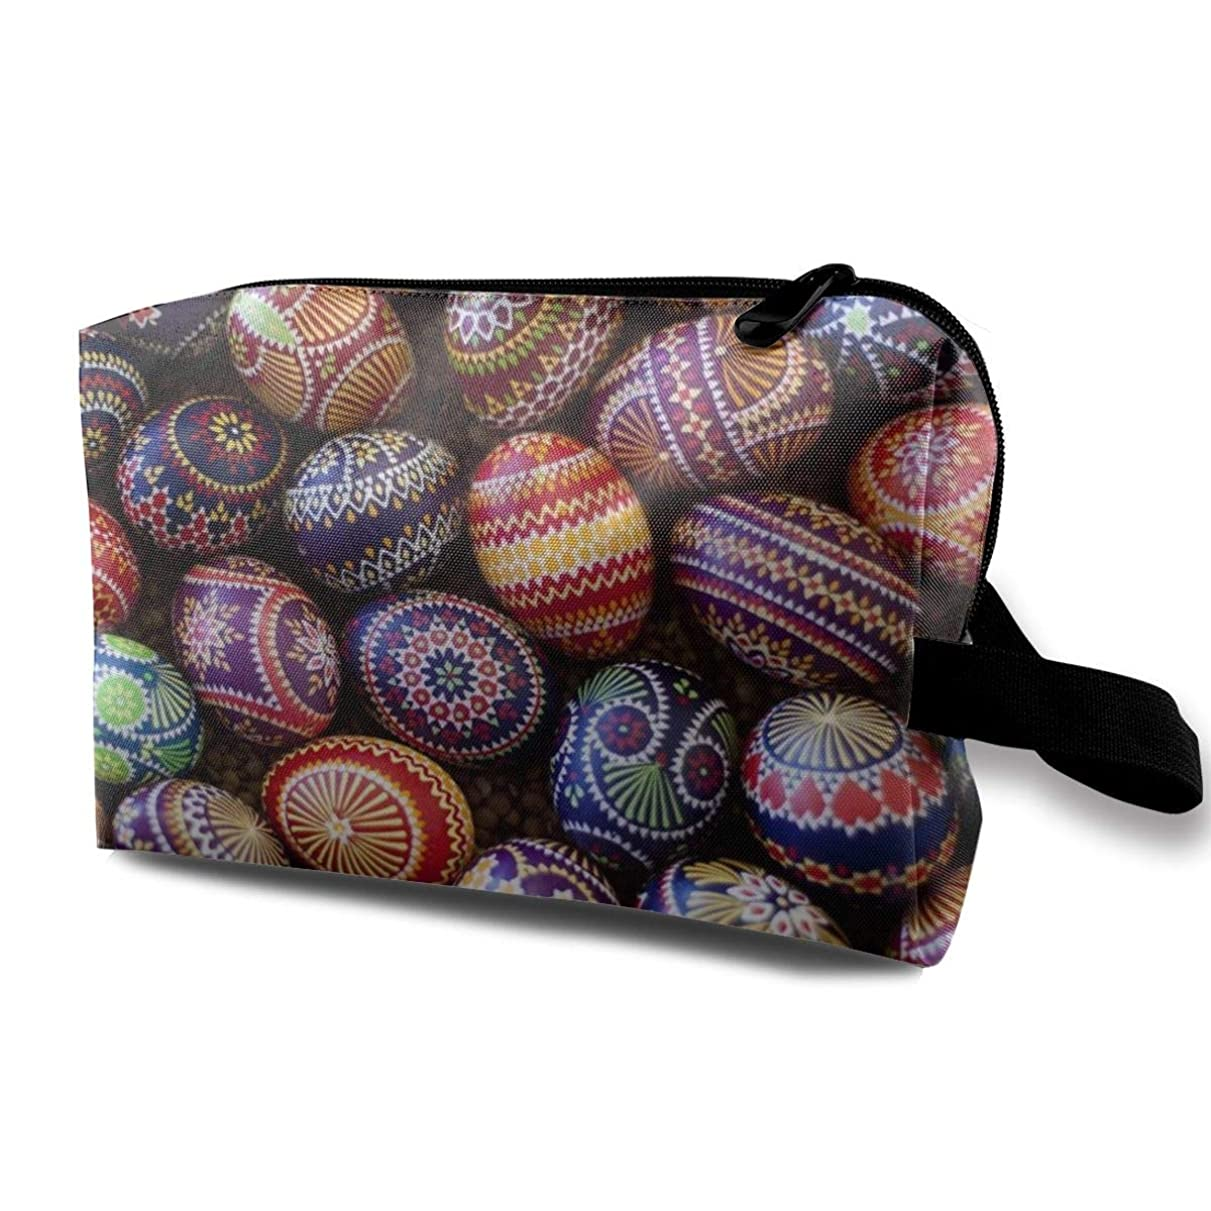 カウンタ拾う年金Germany Easter Eggs 収納ポーチ 化粧ポーチ 大容量 軽量 耐久性 ハンドル付持ち運び便利。入れ 自宅?出張?旅行?アウトドア撮影などに対応。メンズ レディース トラベルグッズ